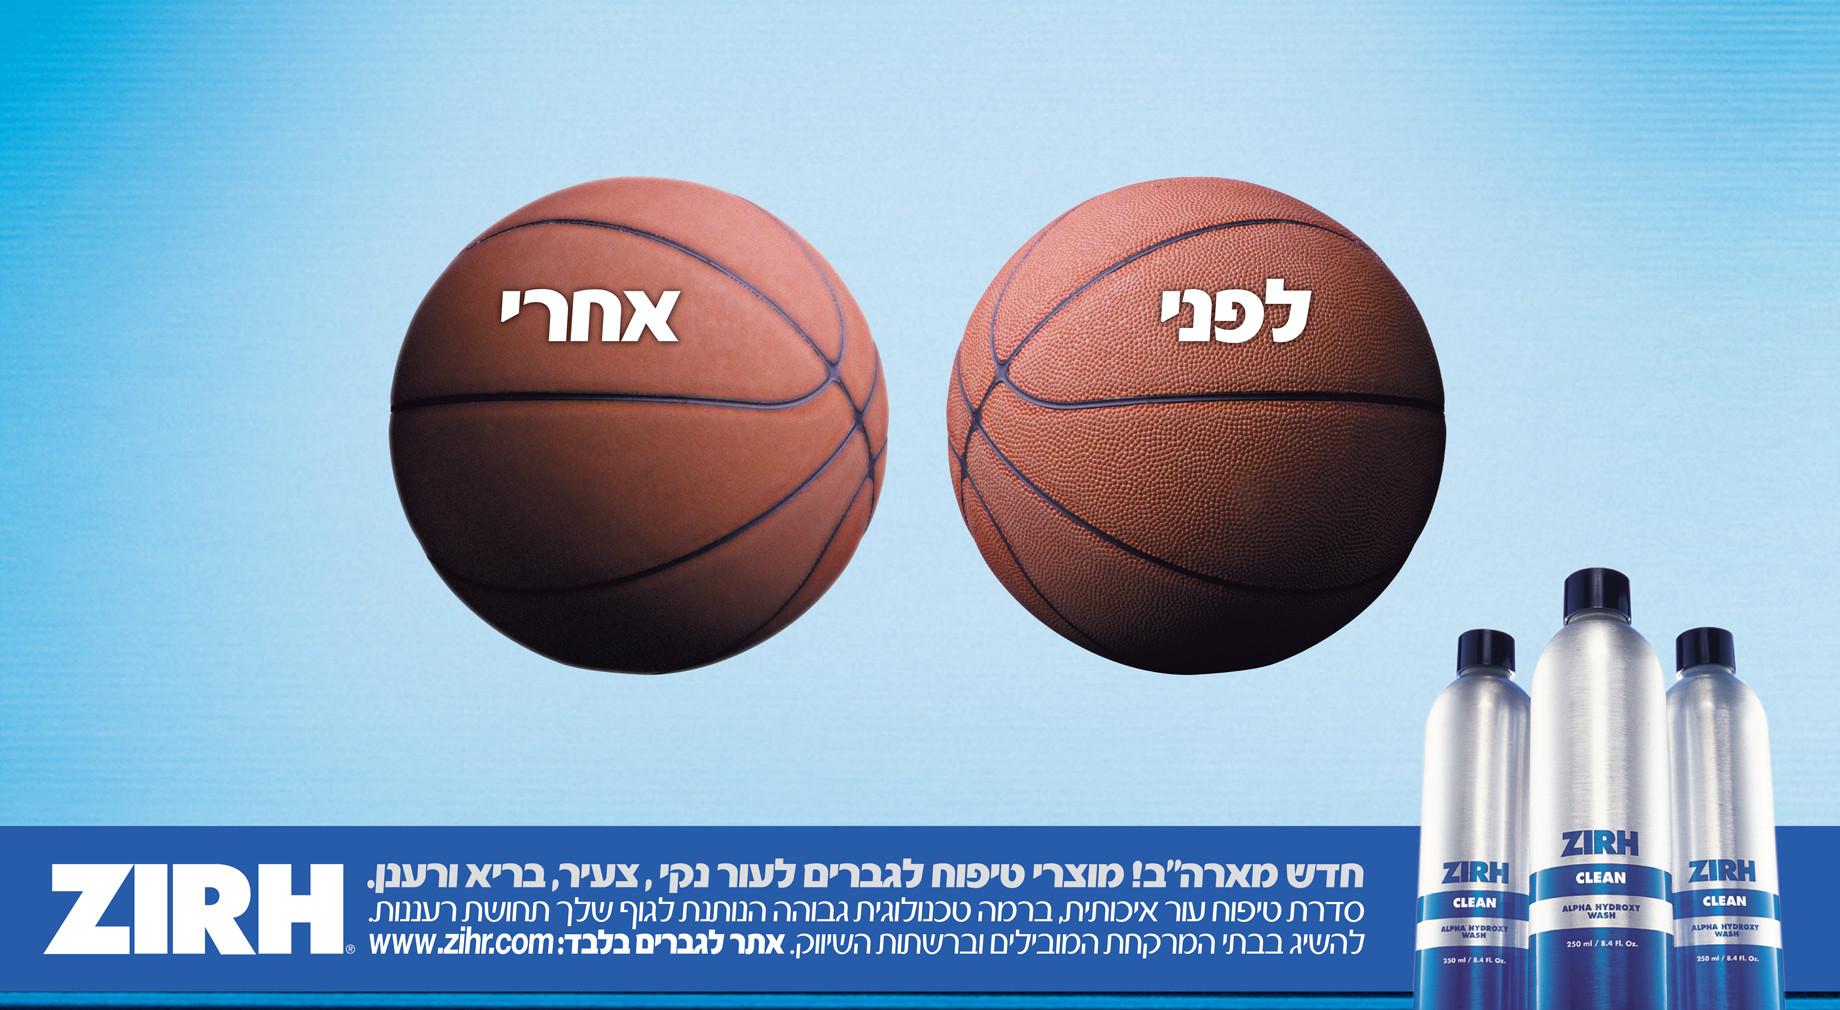 מוצרי טיפוח לגברים - במגזין כדורסל